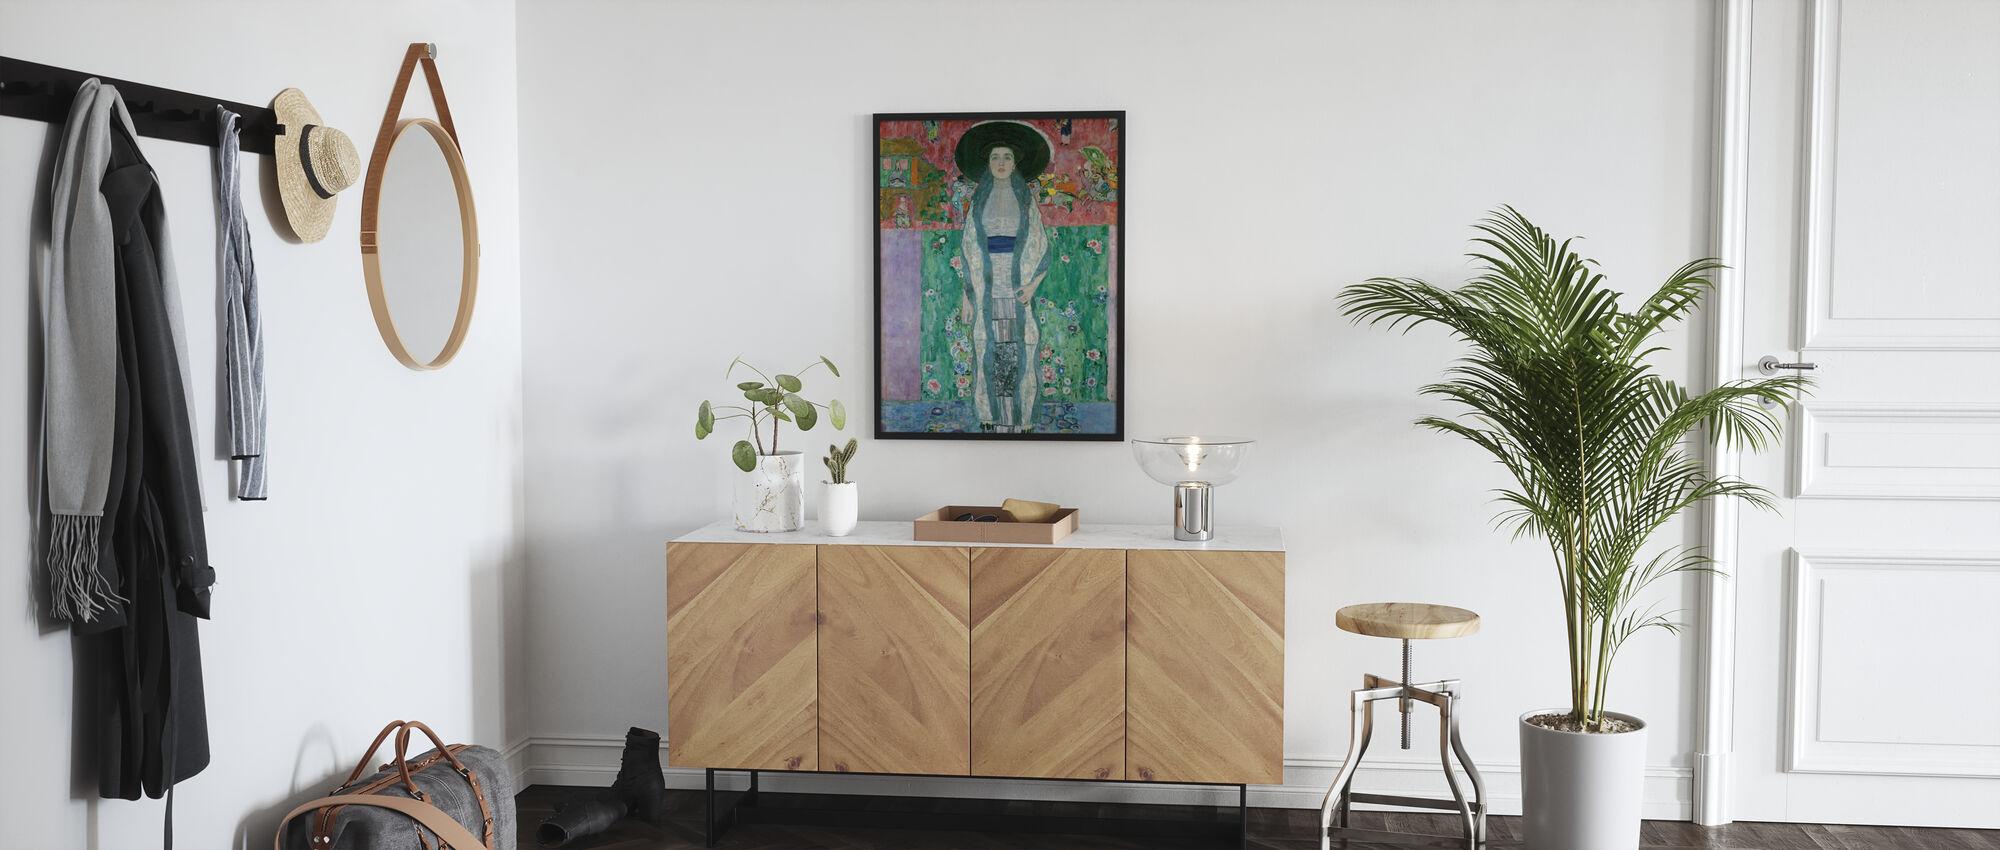 Portrait of Adele Bloch-Bauer - Gustav Klimt - Poster - Hallway